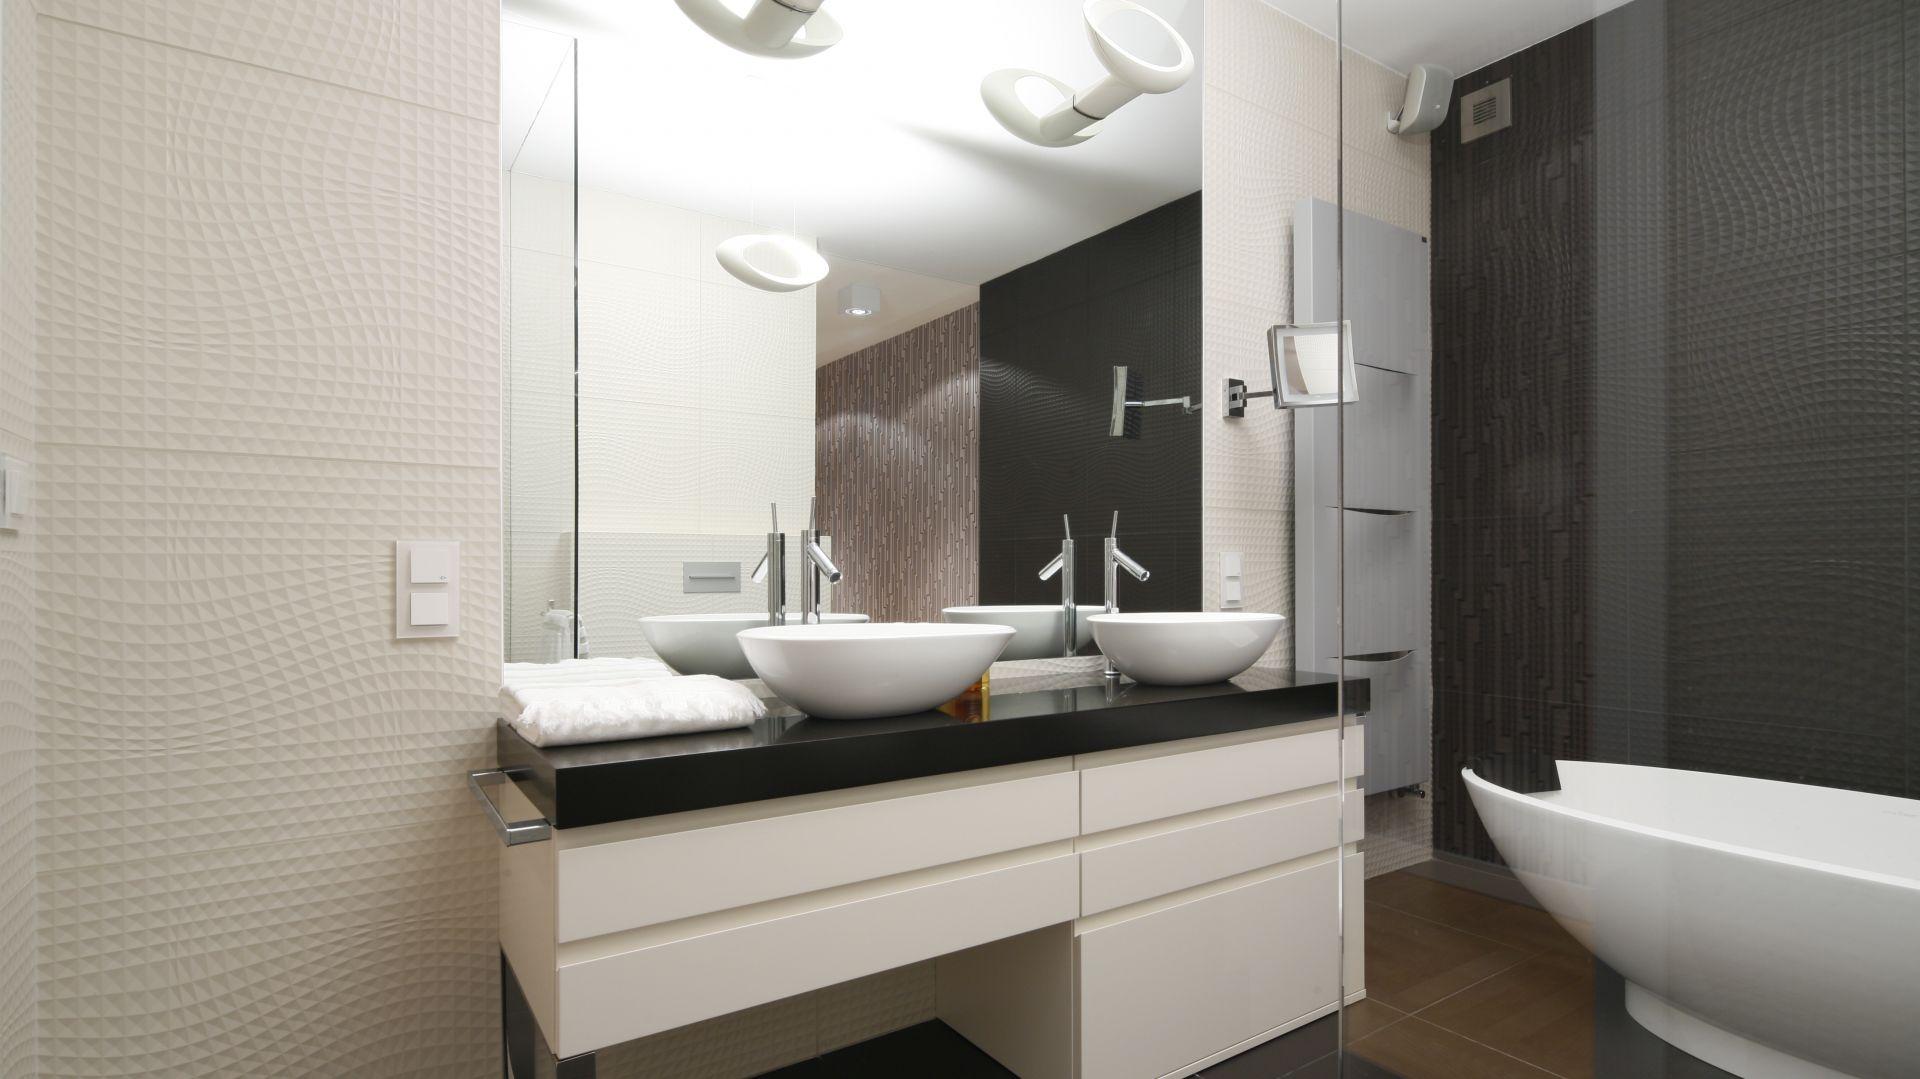 Duża łazienka Dobre Projekty Architektów